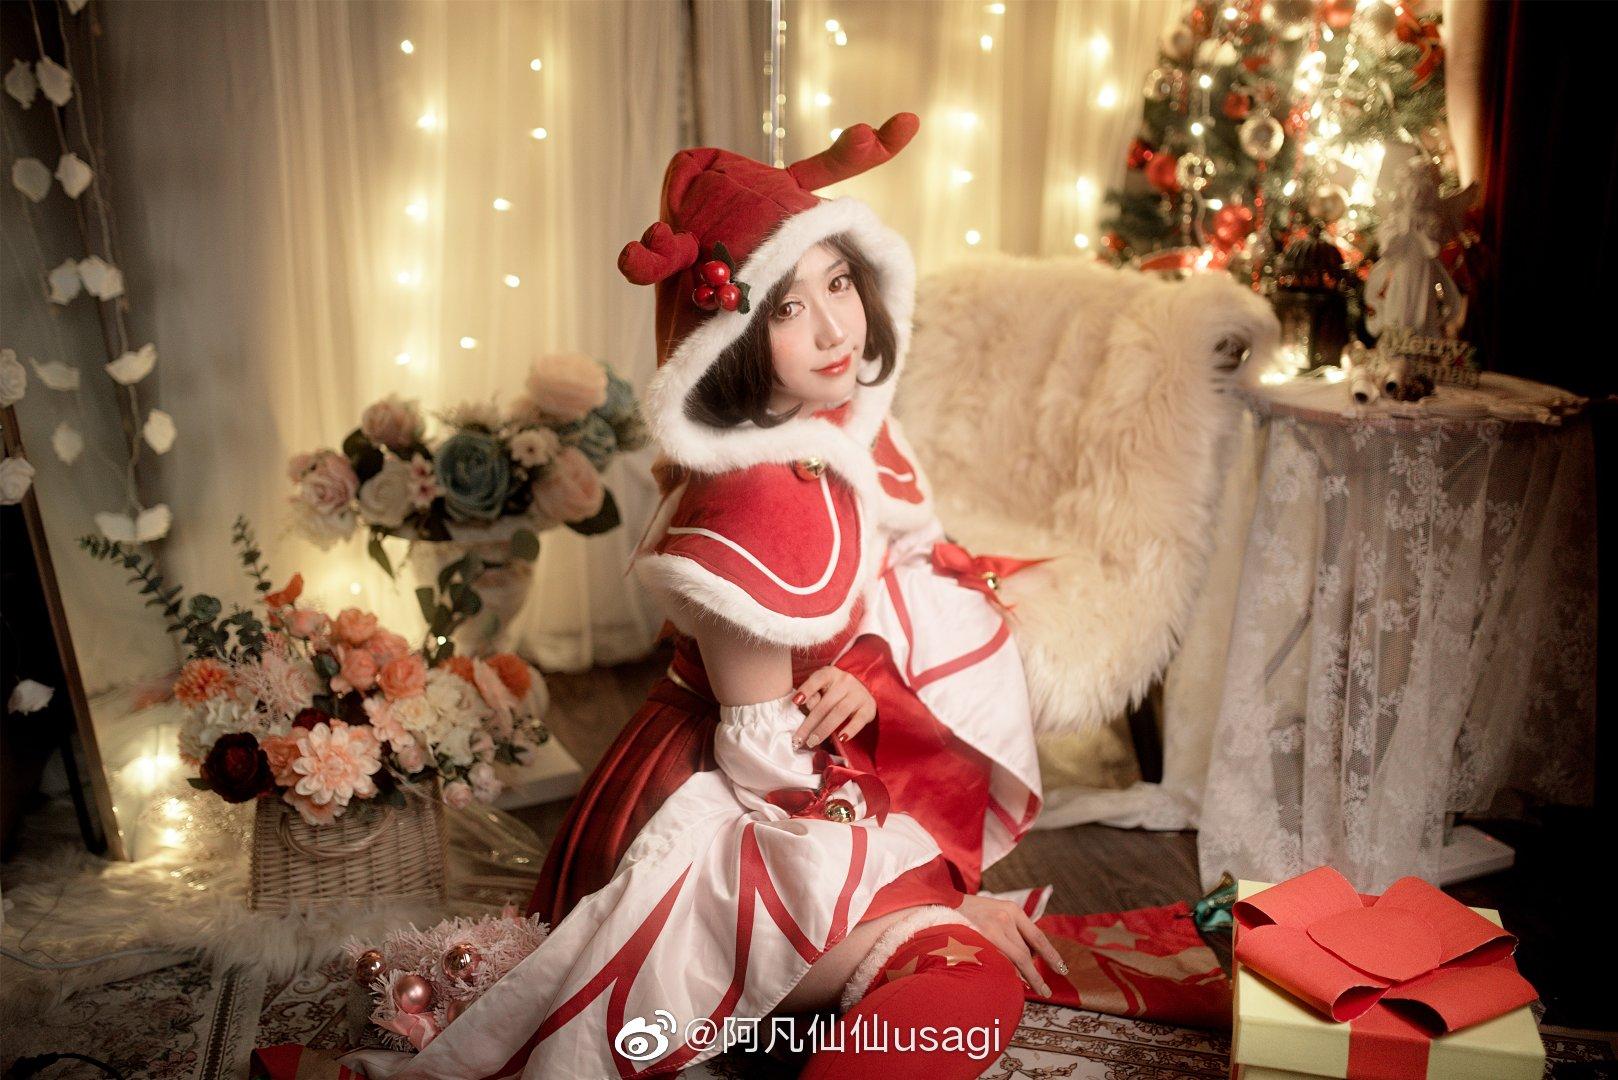 王者荣耀   圣诞貂蝉   @阿凡仙仙usagi (9P)-第4张